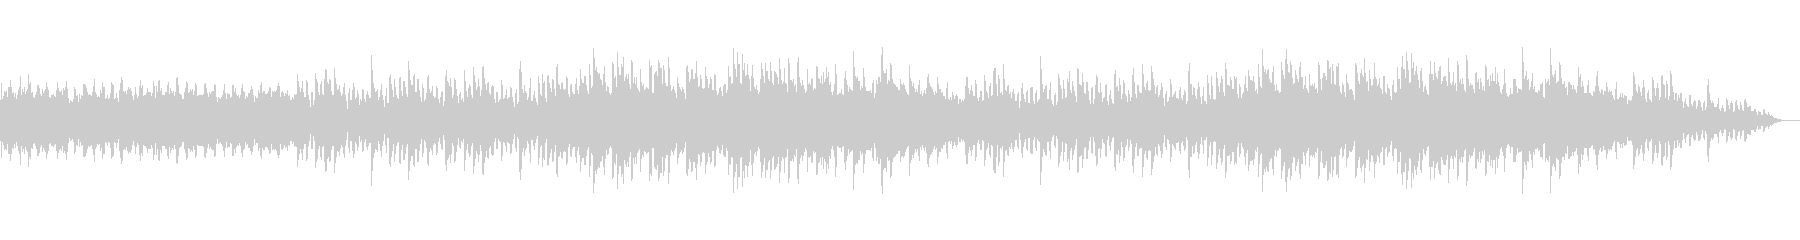 幻想的でキラキラしたクリスマスBGMの未再生の波形